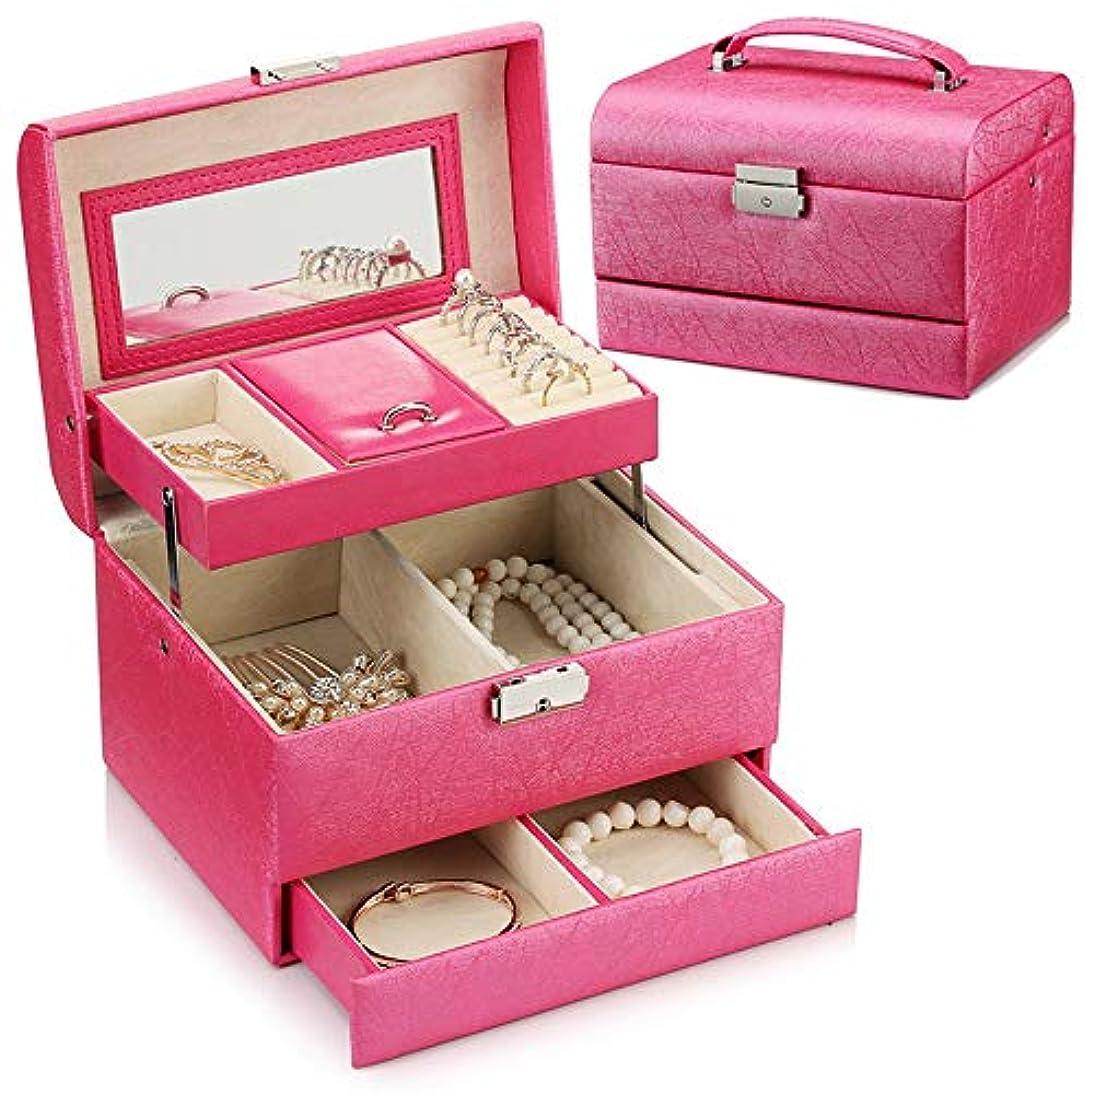 飢えた静かなジャグリング特大スペース収納ビューティーボックス 女の子の女性旅行のための新しく、実用的な携帯用化粧箱およびロックおよび皿が付いている毎日の貯蔵 化粧品化粧台 (色 : ローズレッド)